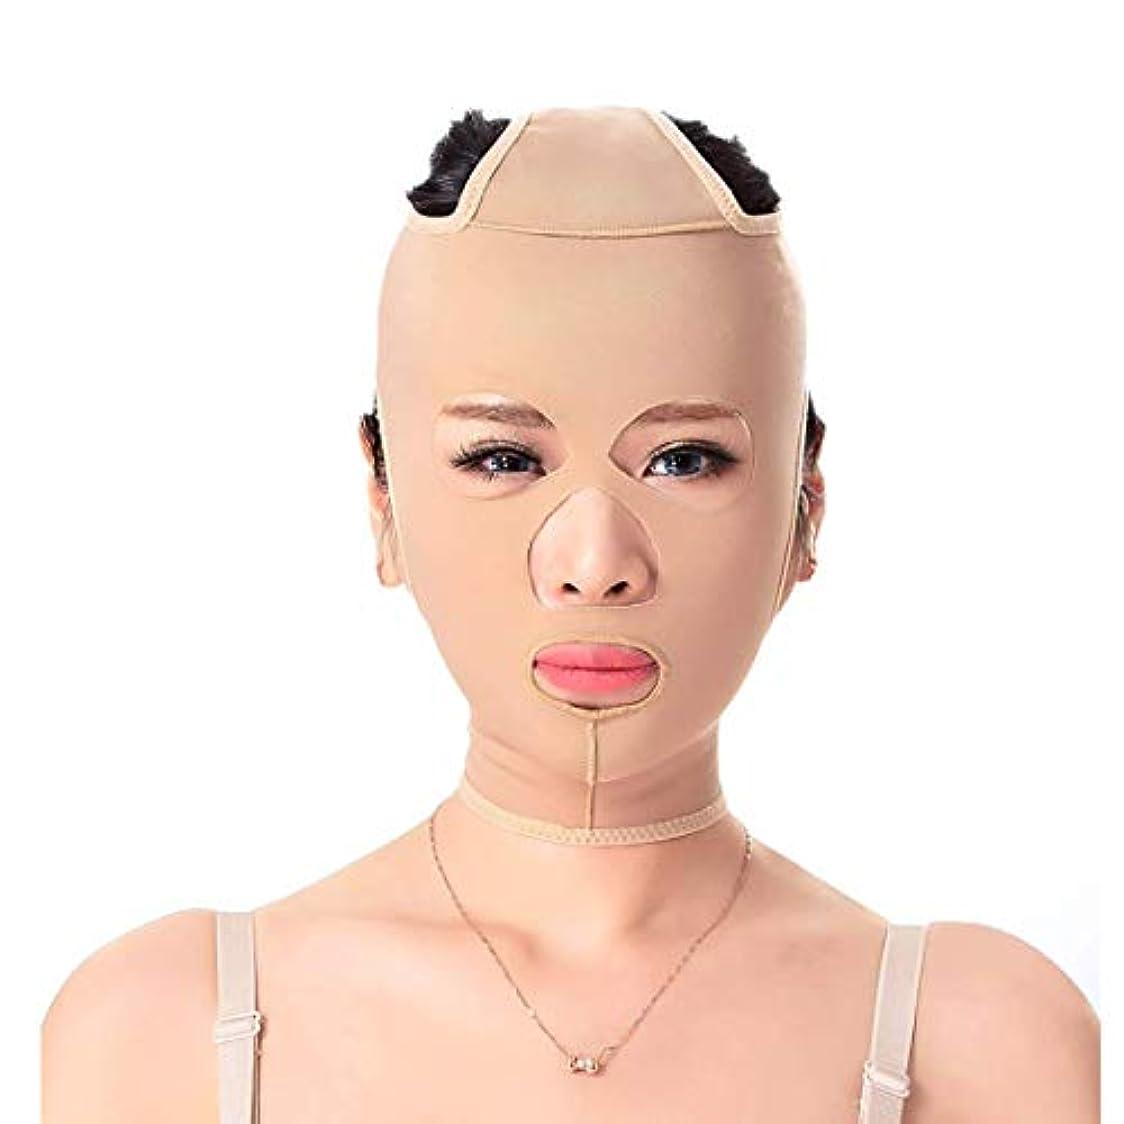 コンプリート無意識シーンスリミングベルト、二重あごの引き締め顔面プラスチック顔アーティファクト強力な顔の包帯を脇に持ち上げるパターンを欺くためのフェイシャルマスク薄いフェイスマスク(サイズ:XXL),XXL